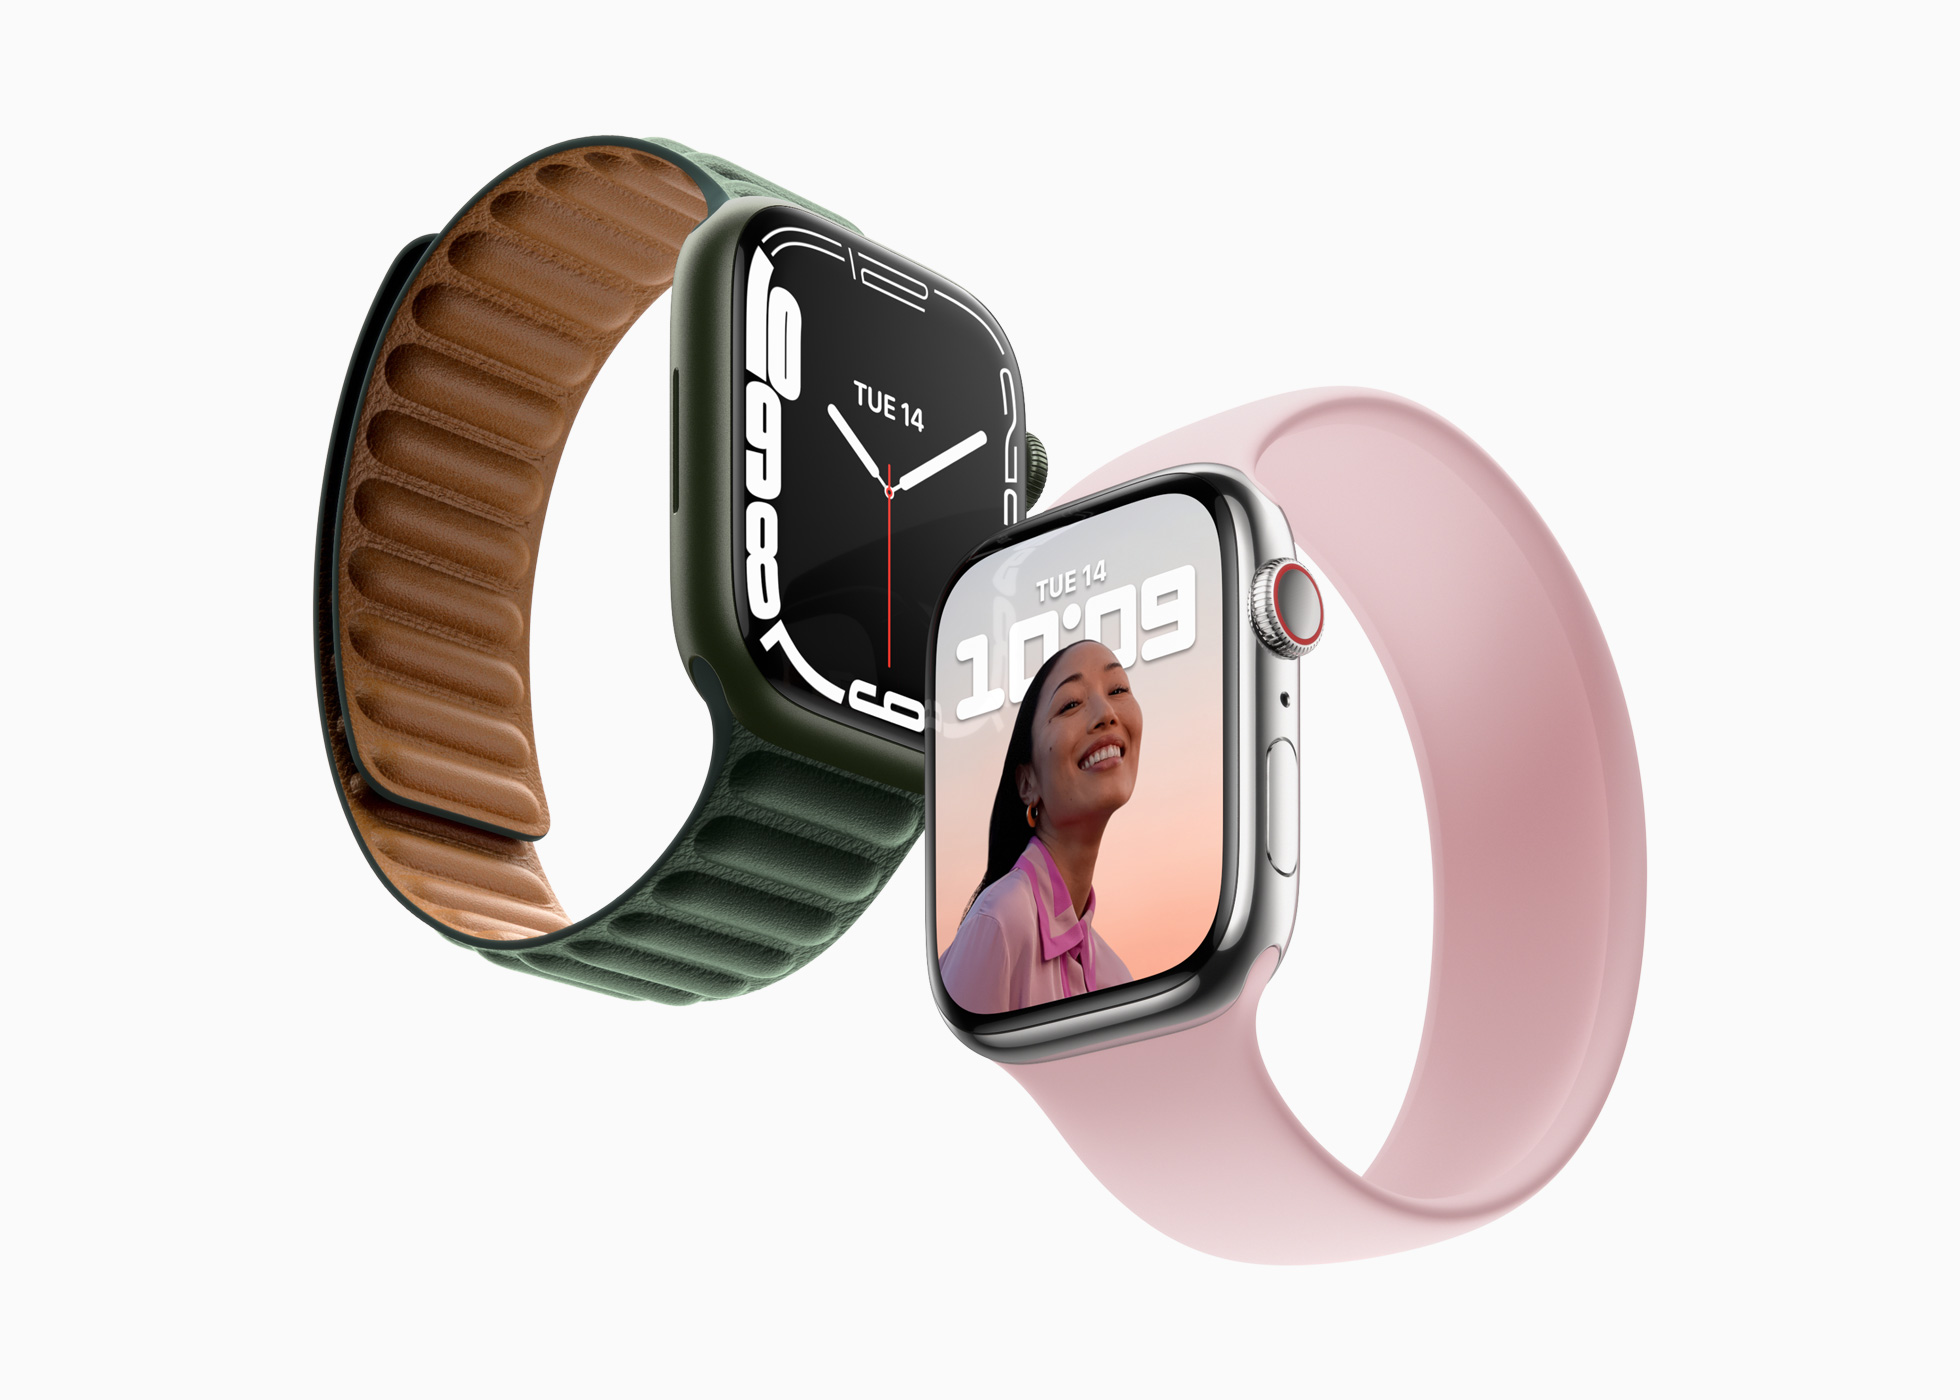 苹果发布 Apple Watch Series 7:屏幕大升级